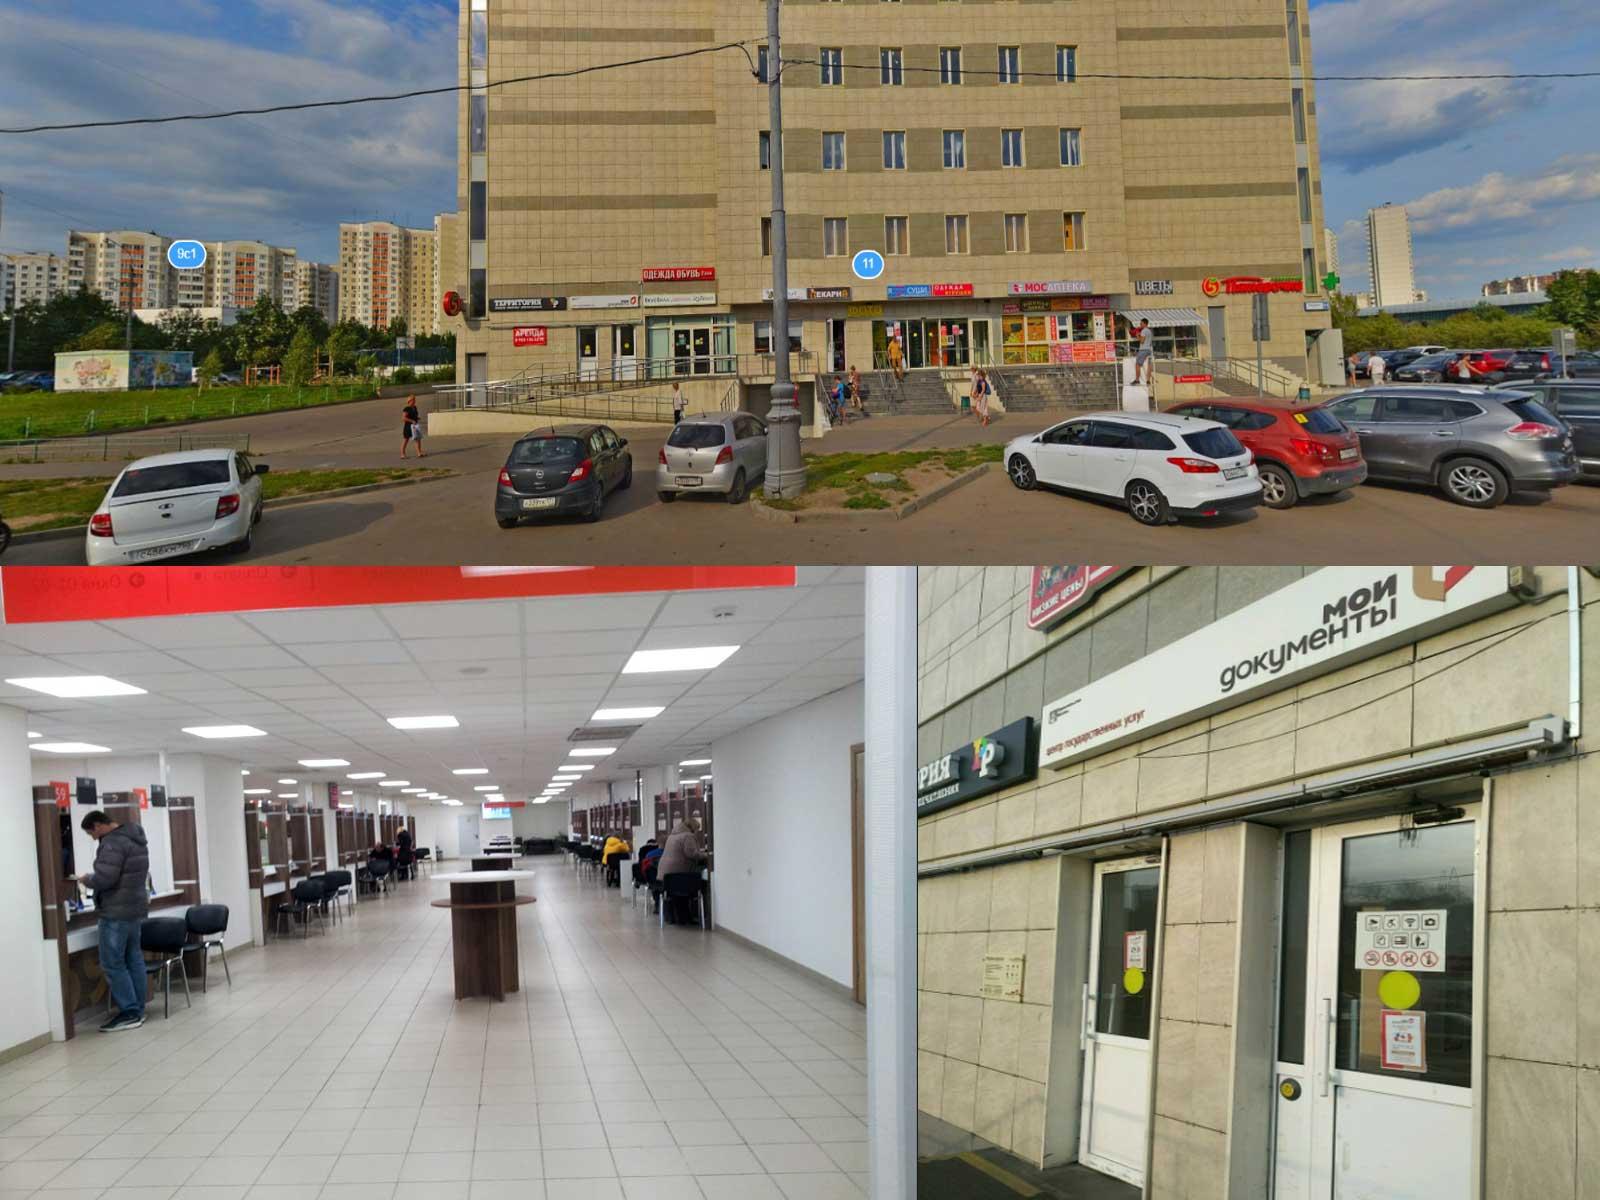 Отдел УФМС по району Южное Бутово, ул. Горчакова, 11, Москва (этаж 3)